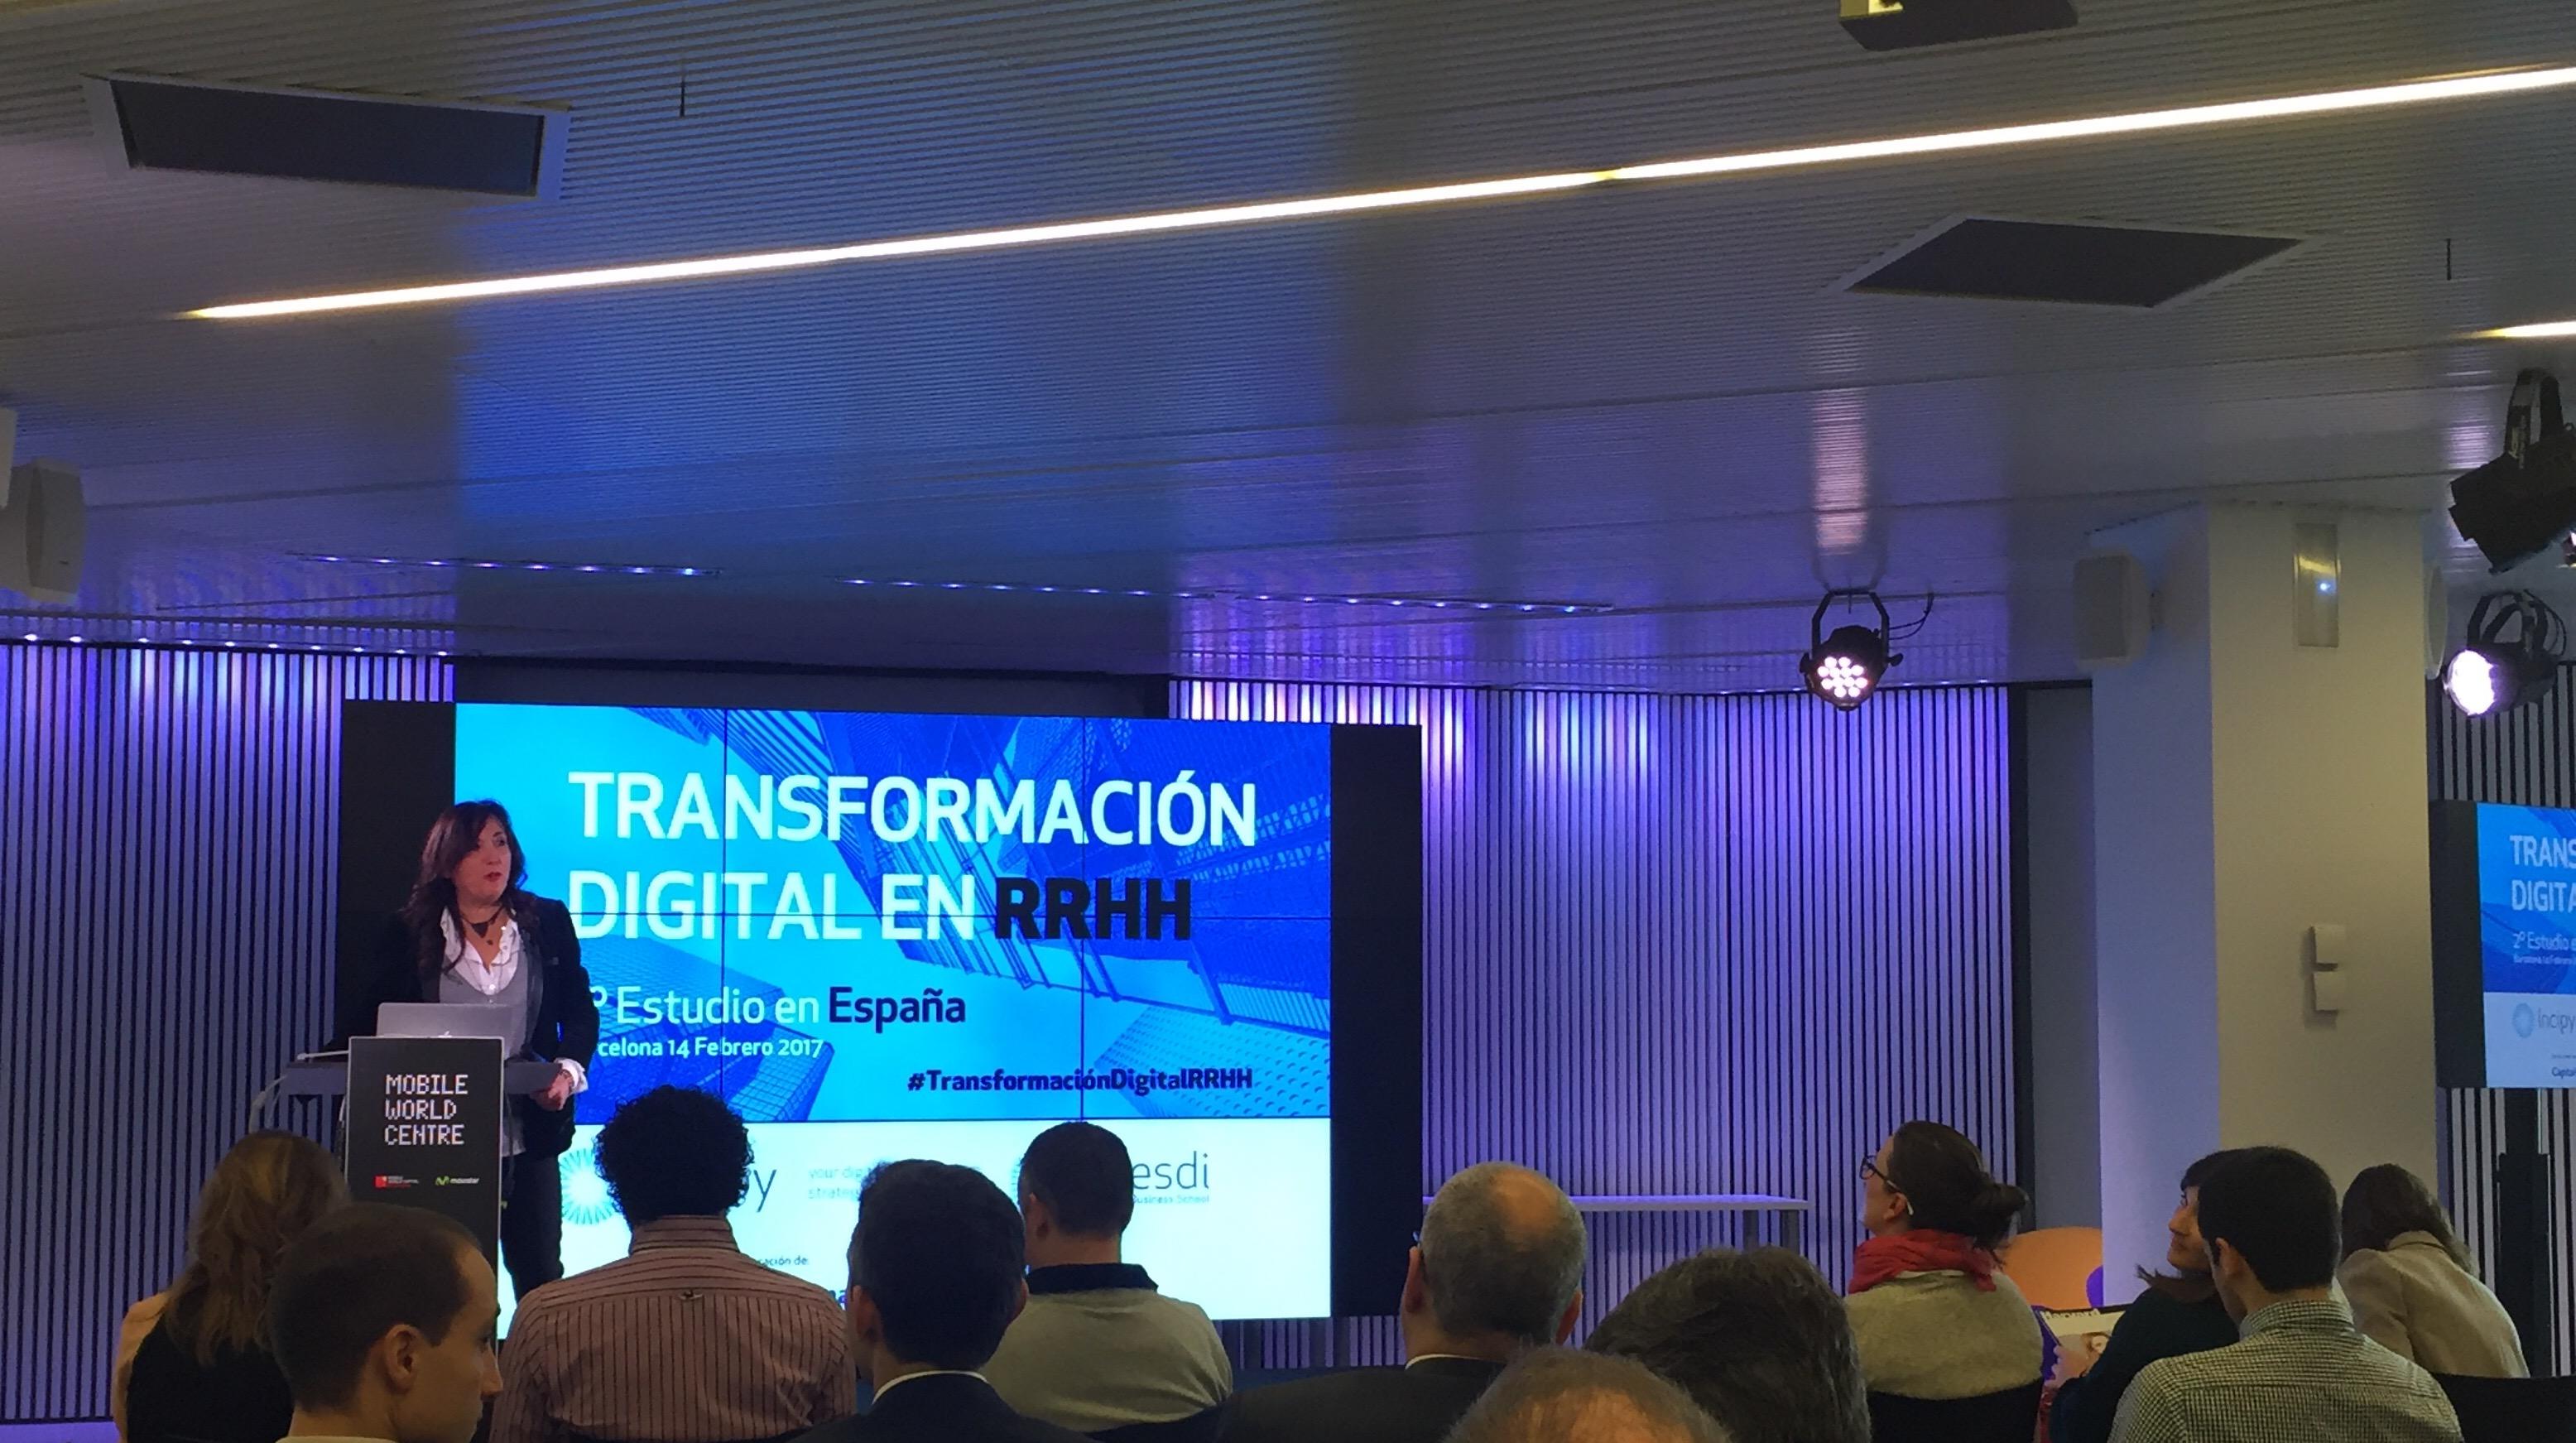 5_Presentacion del segundo estudio sobre transformacion digital en RRHH en España.jpg